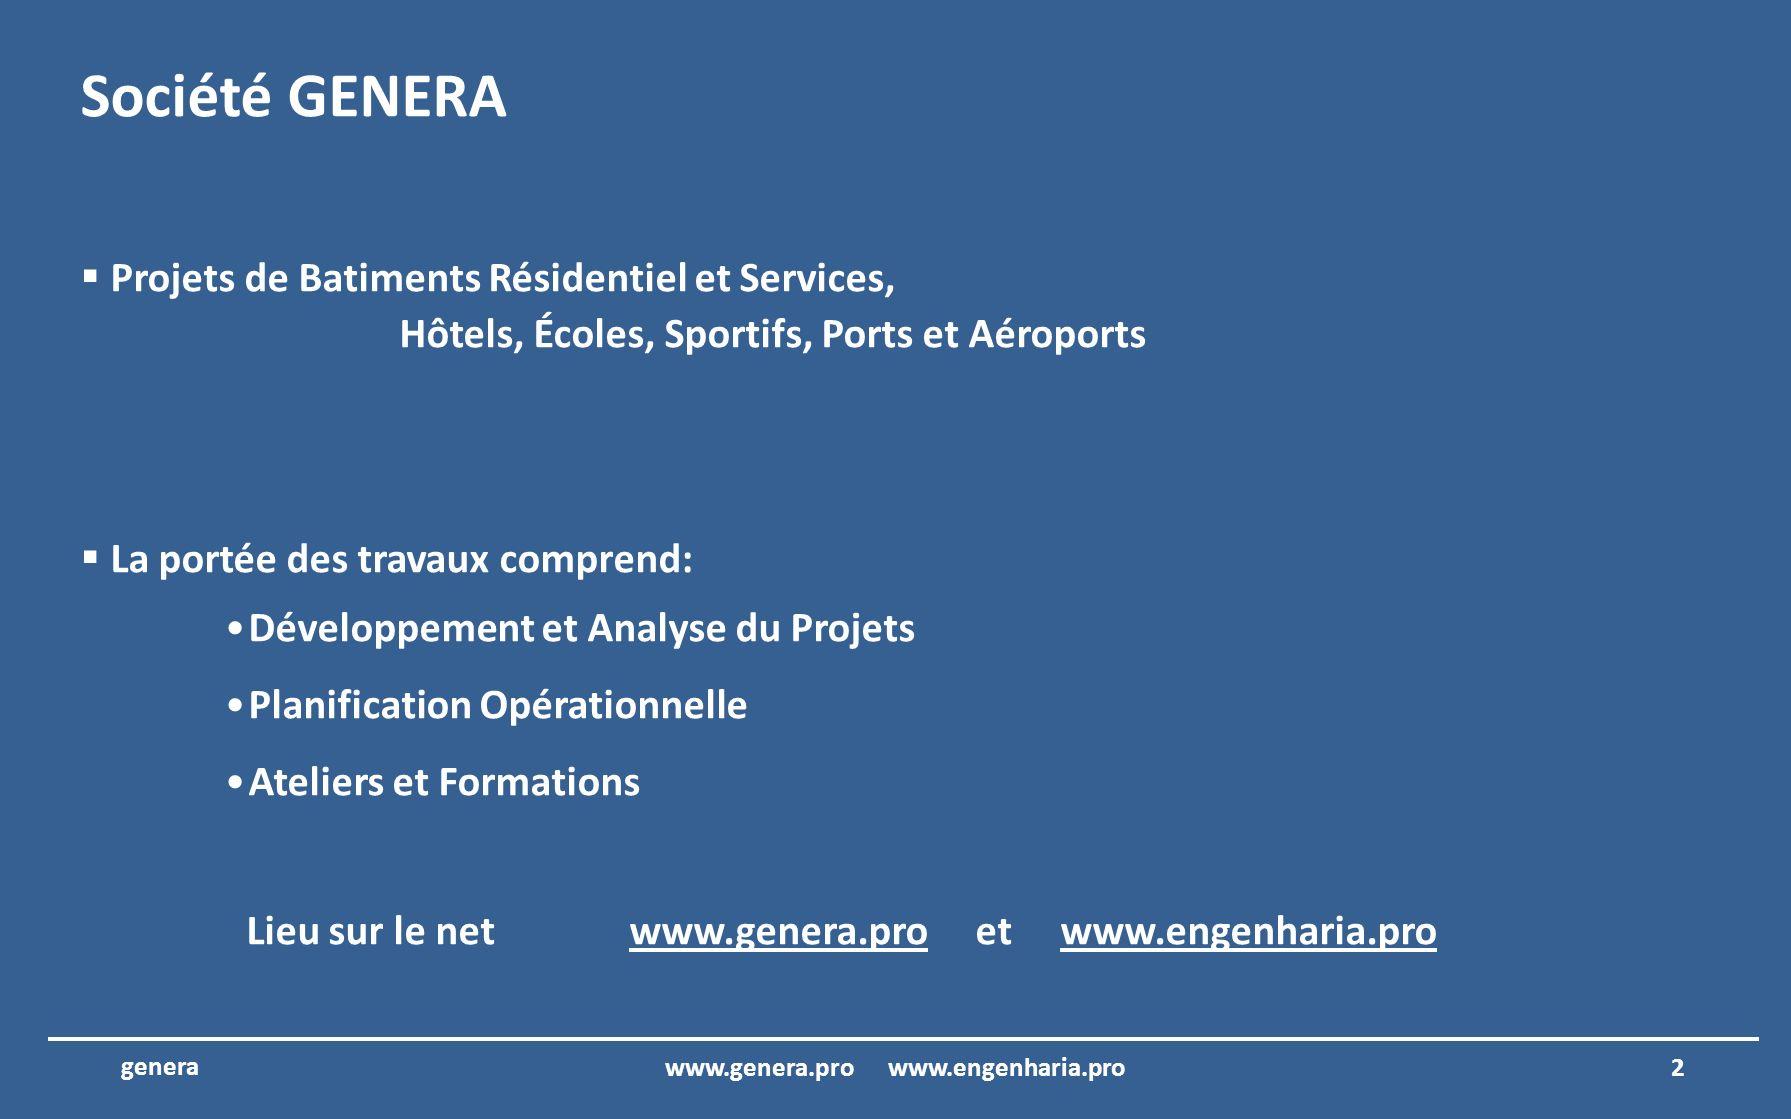 GENERA LTD – Projects dArchitecture et dIngénierie assurance la qualité et lefficacité www.genera.pro www.engenharia.pro